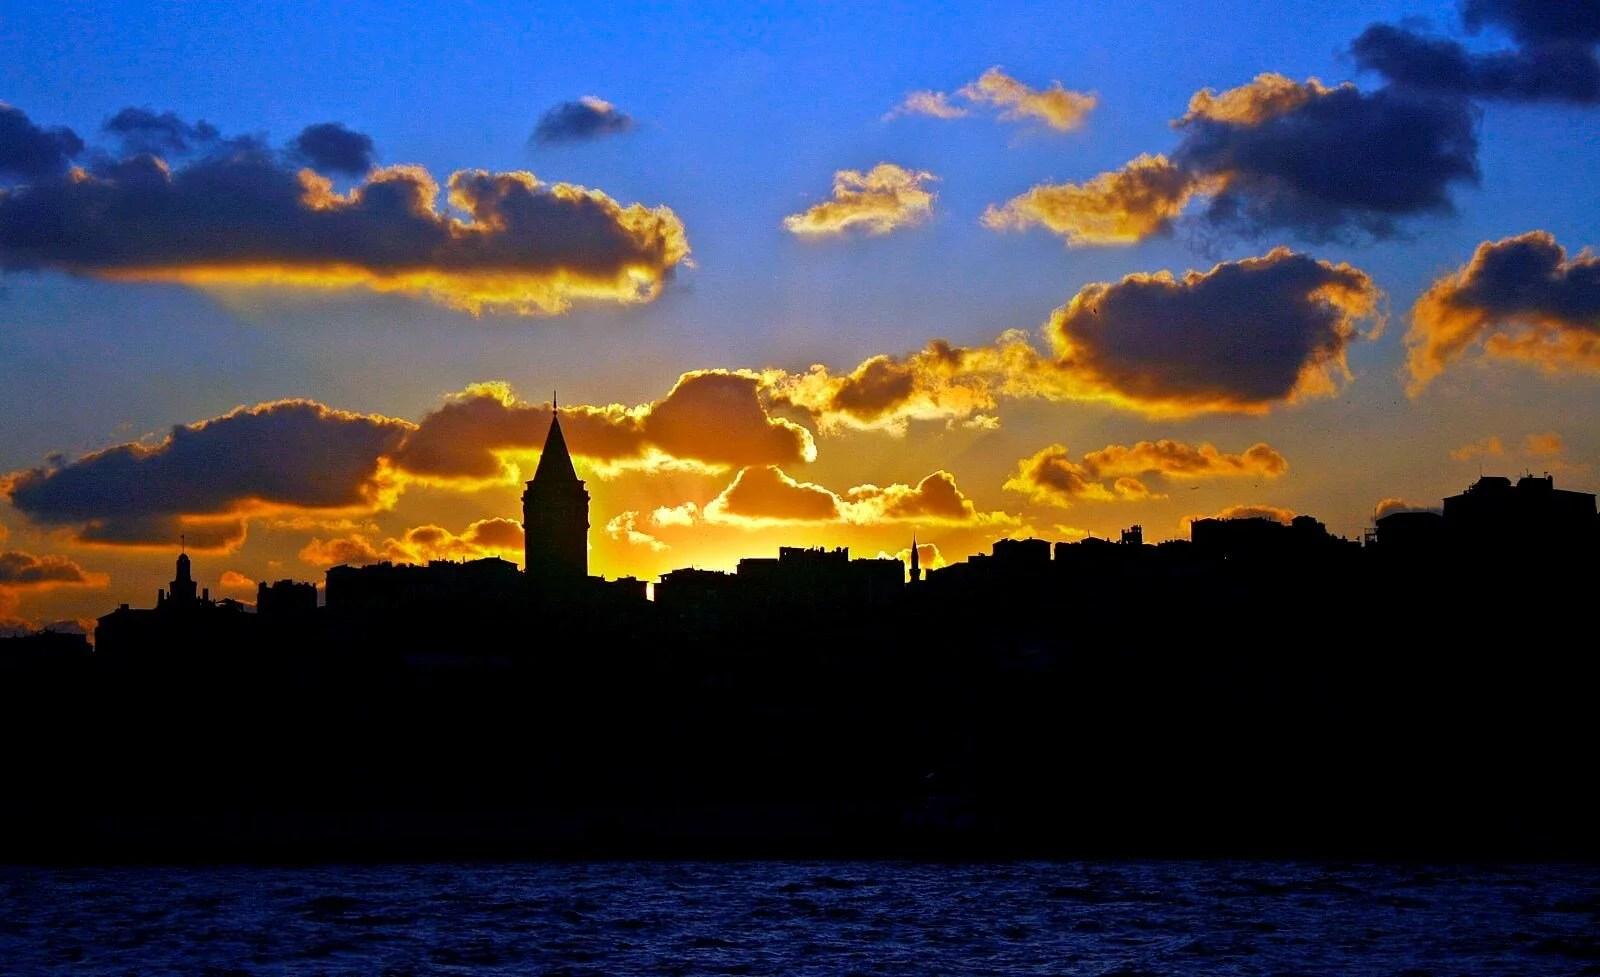 Galata Kulesi tarihi ve hakkında bilinmesi gerekenler (Galata Kulesi nerede, hikayesi nedir, efsaneleri neler, nasıl gidilir ve giriş ücreti ne kadar?) - 8